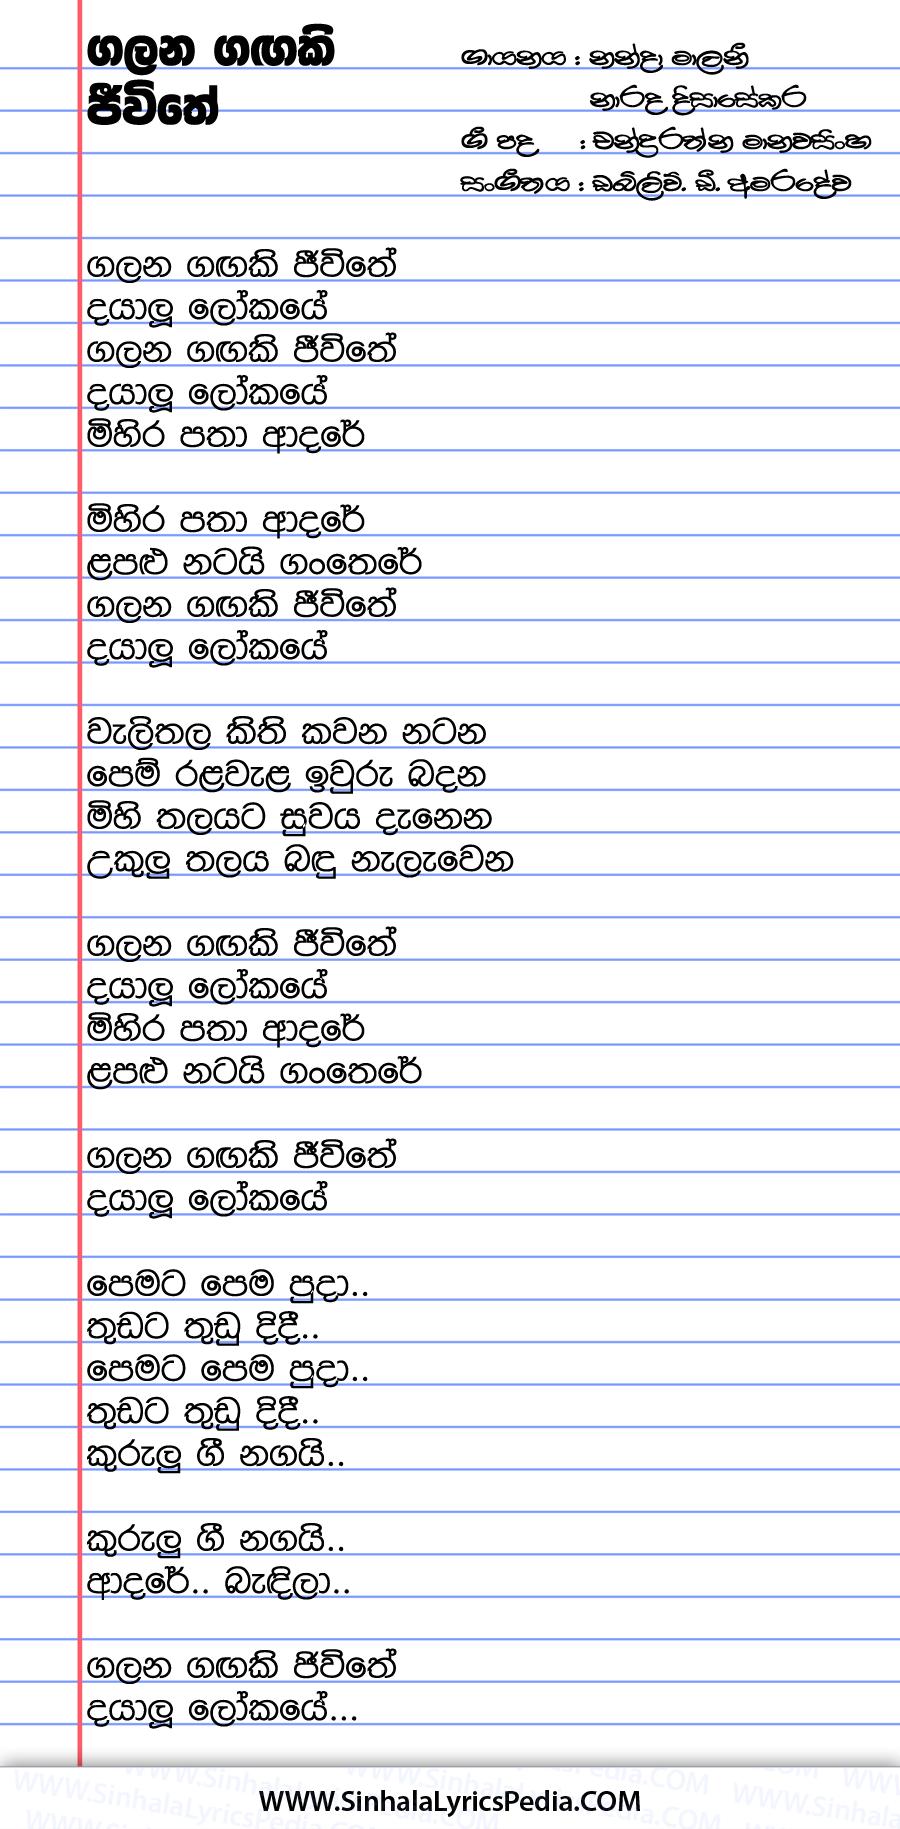 Galana Gangaki Jeewithe Song Lyrics